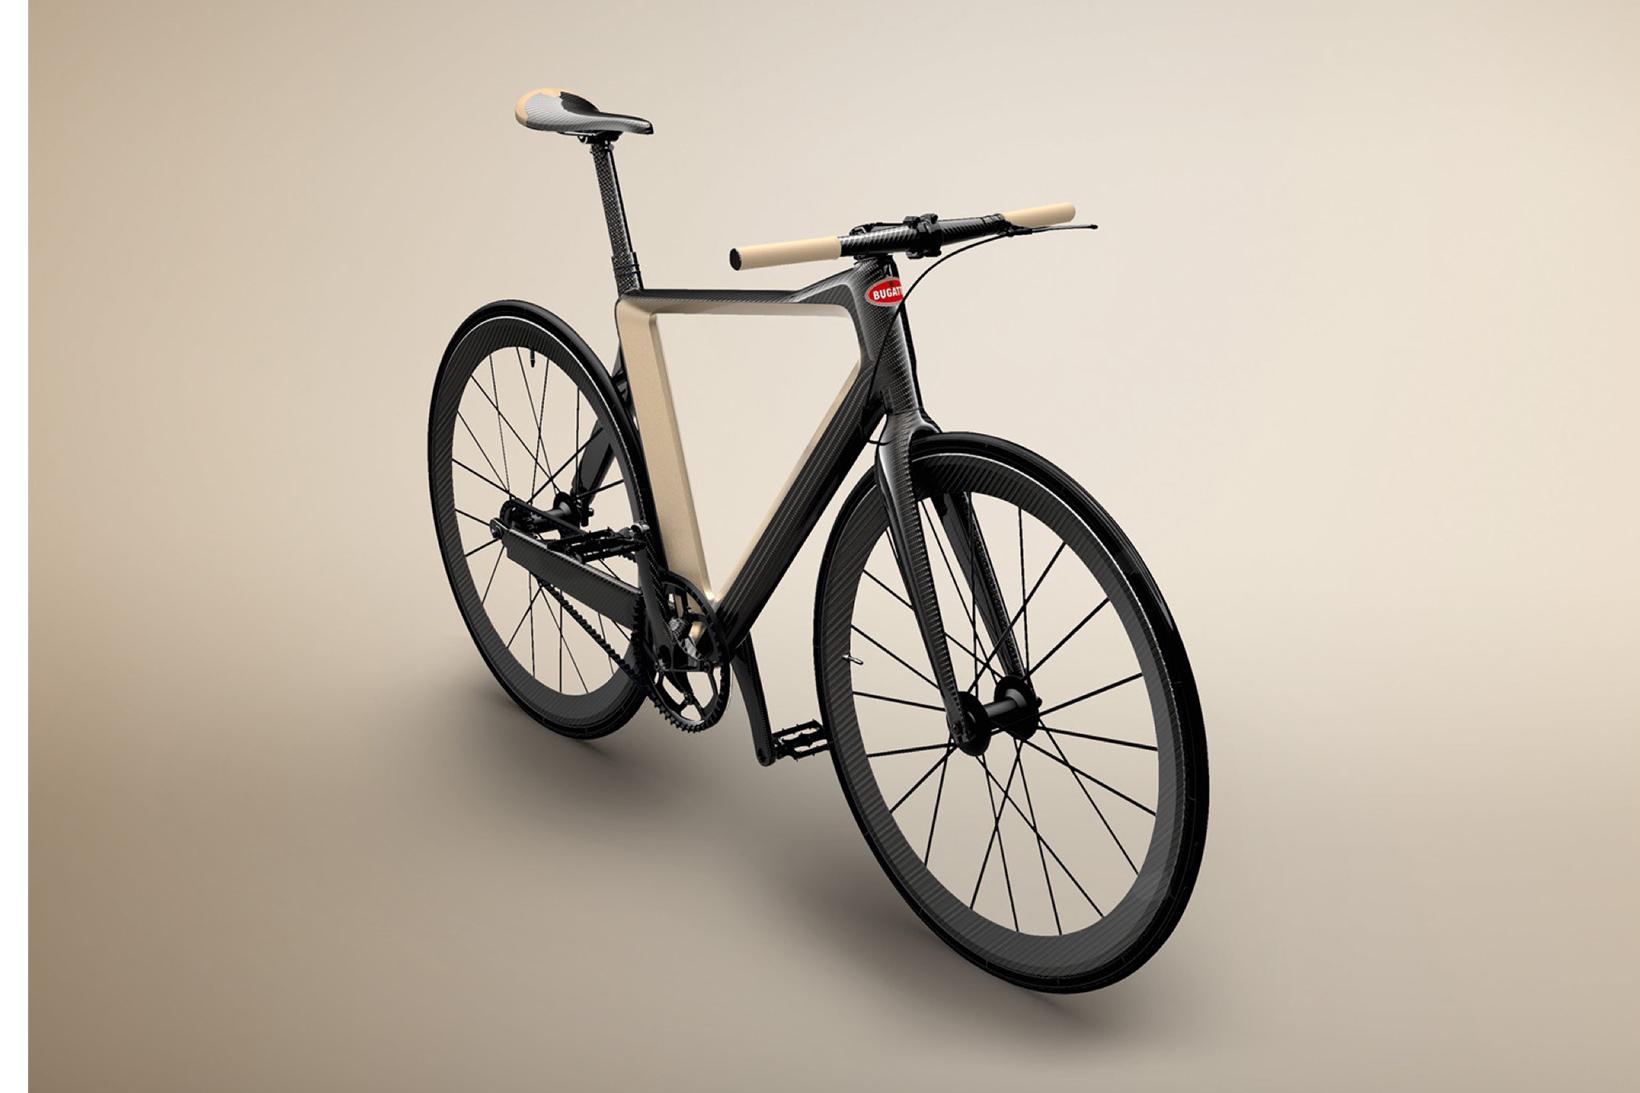 PG Bugatti Bike - 3762172